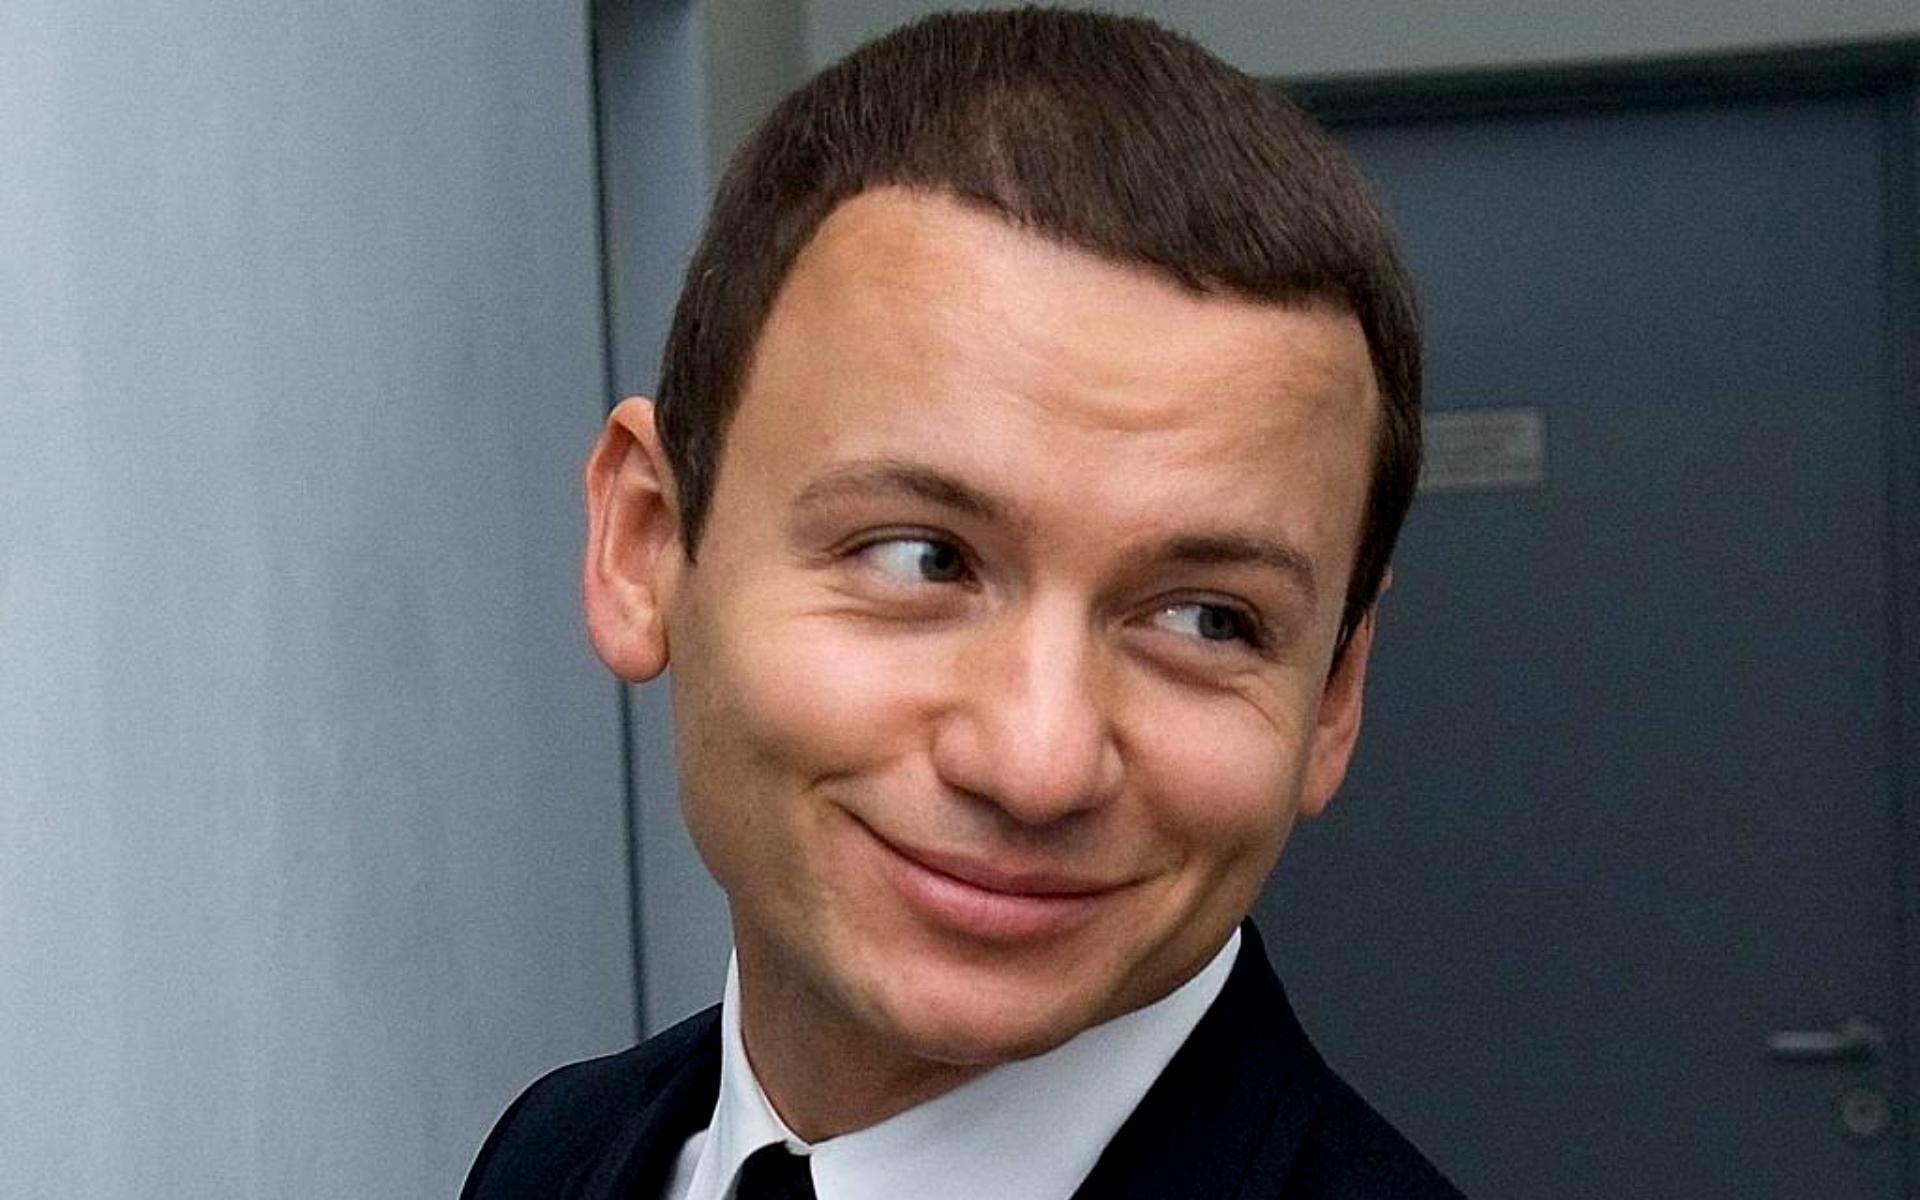 Александр Олешко: биография, личная жизнь, дети, жена, семья (фото)